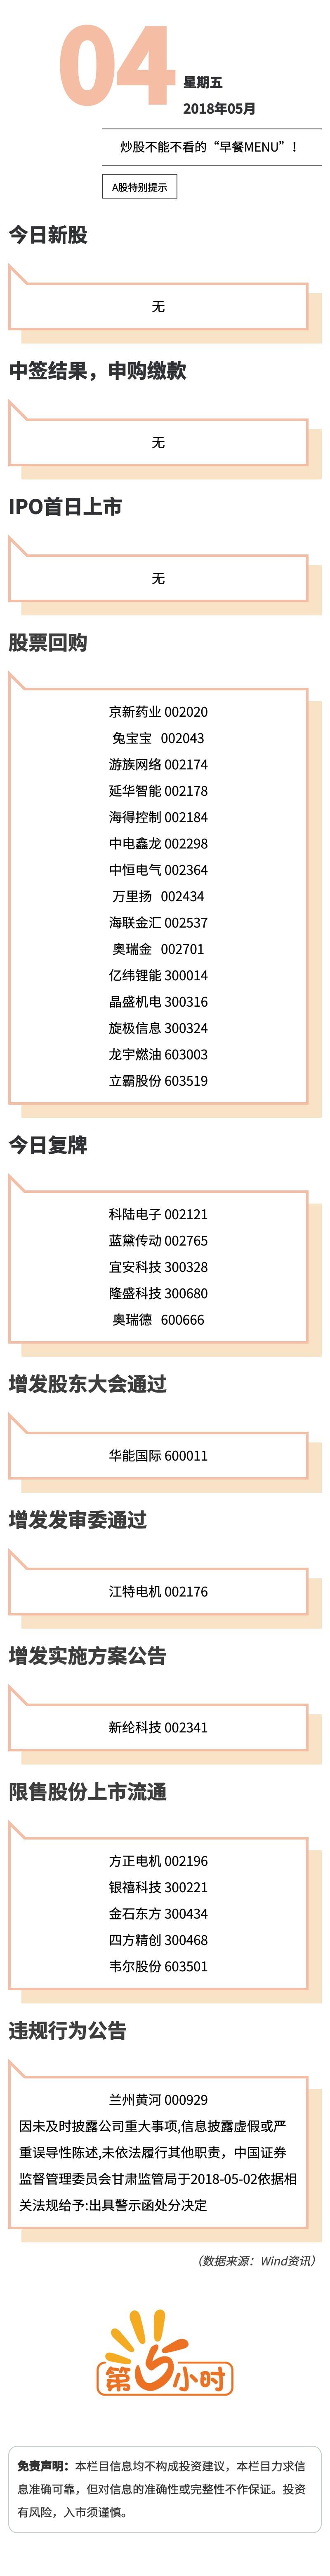 A股特别提示(2018-05-04).jpg